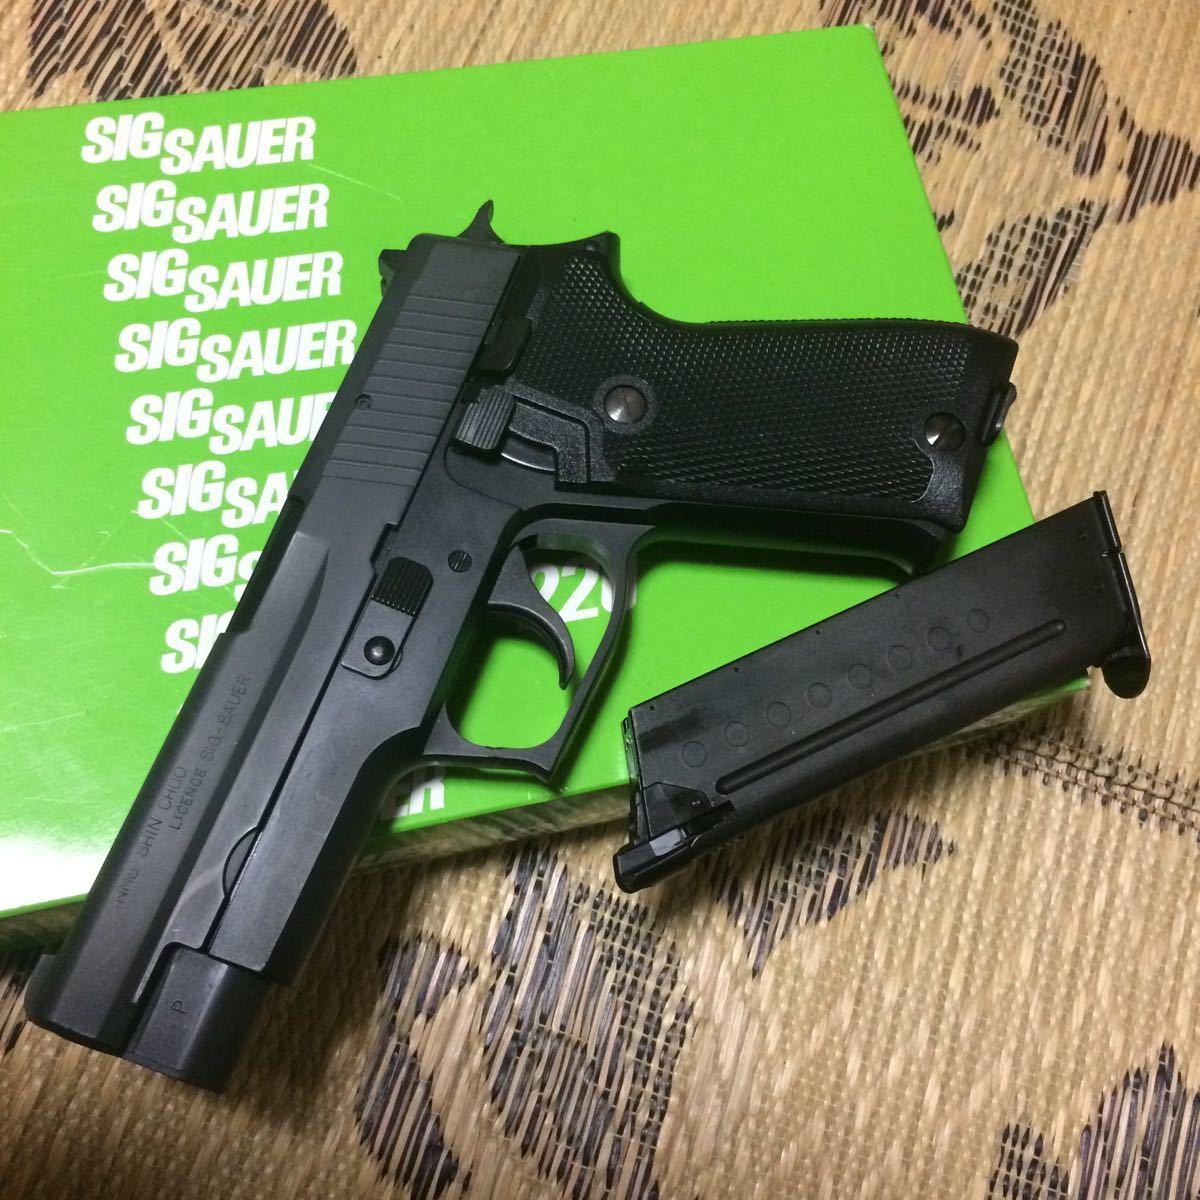 タナカ 航空自衛隊 P220 9mmけん銃 9mm拳銃 Ic ABS ガスブローバック_画像2